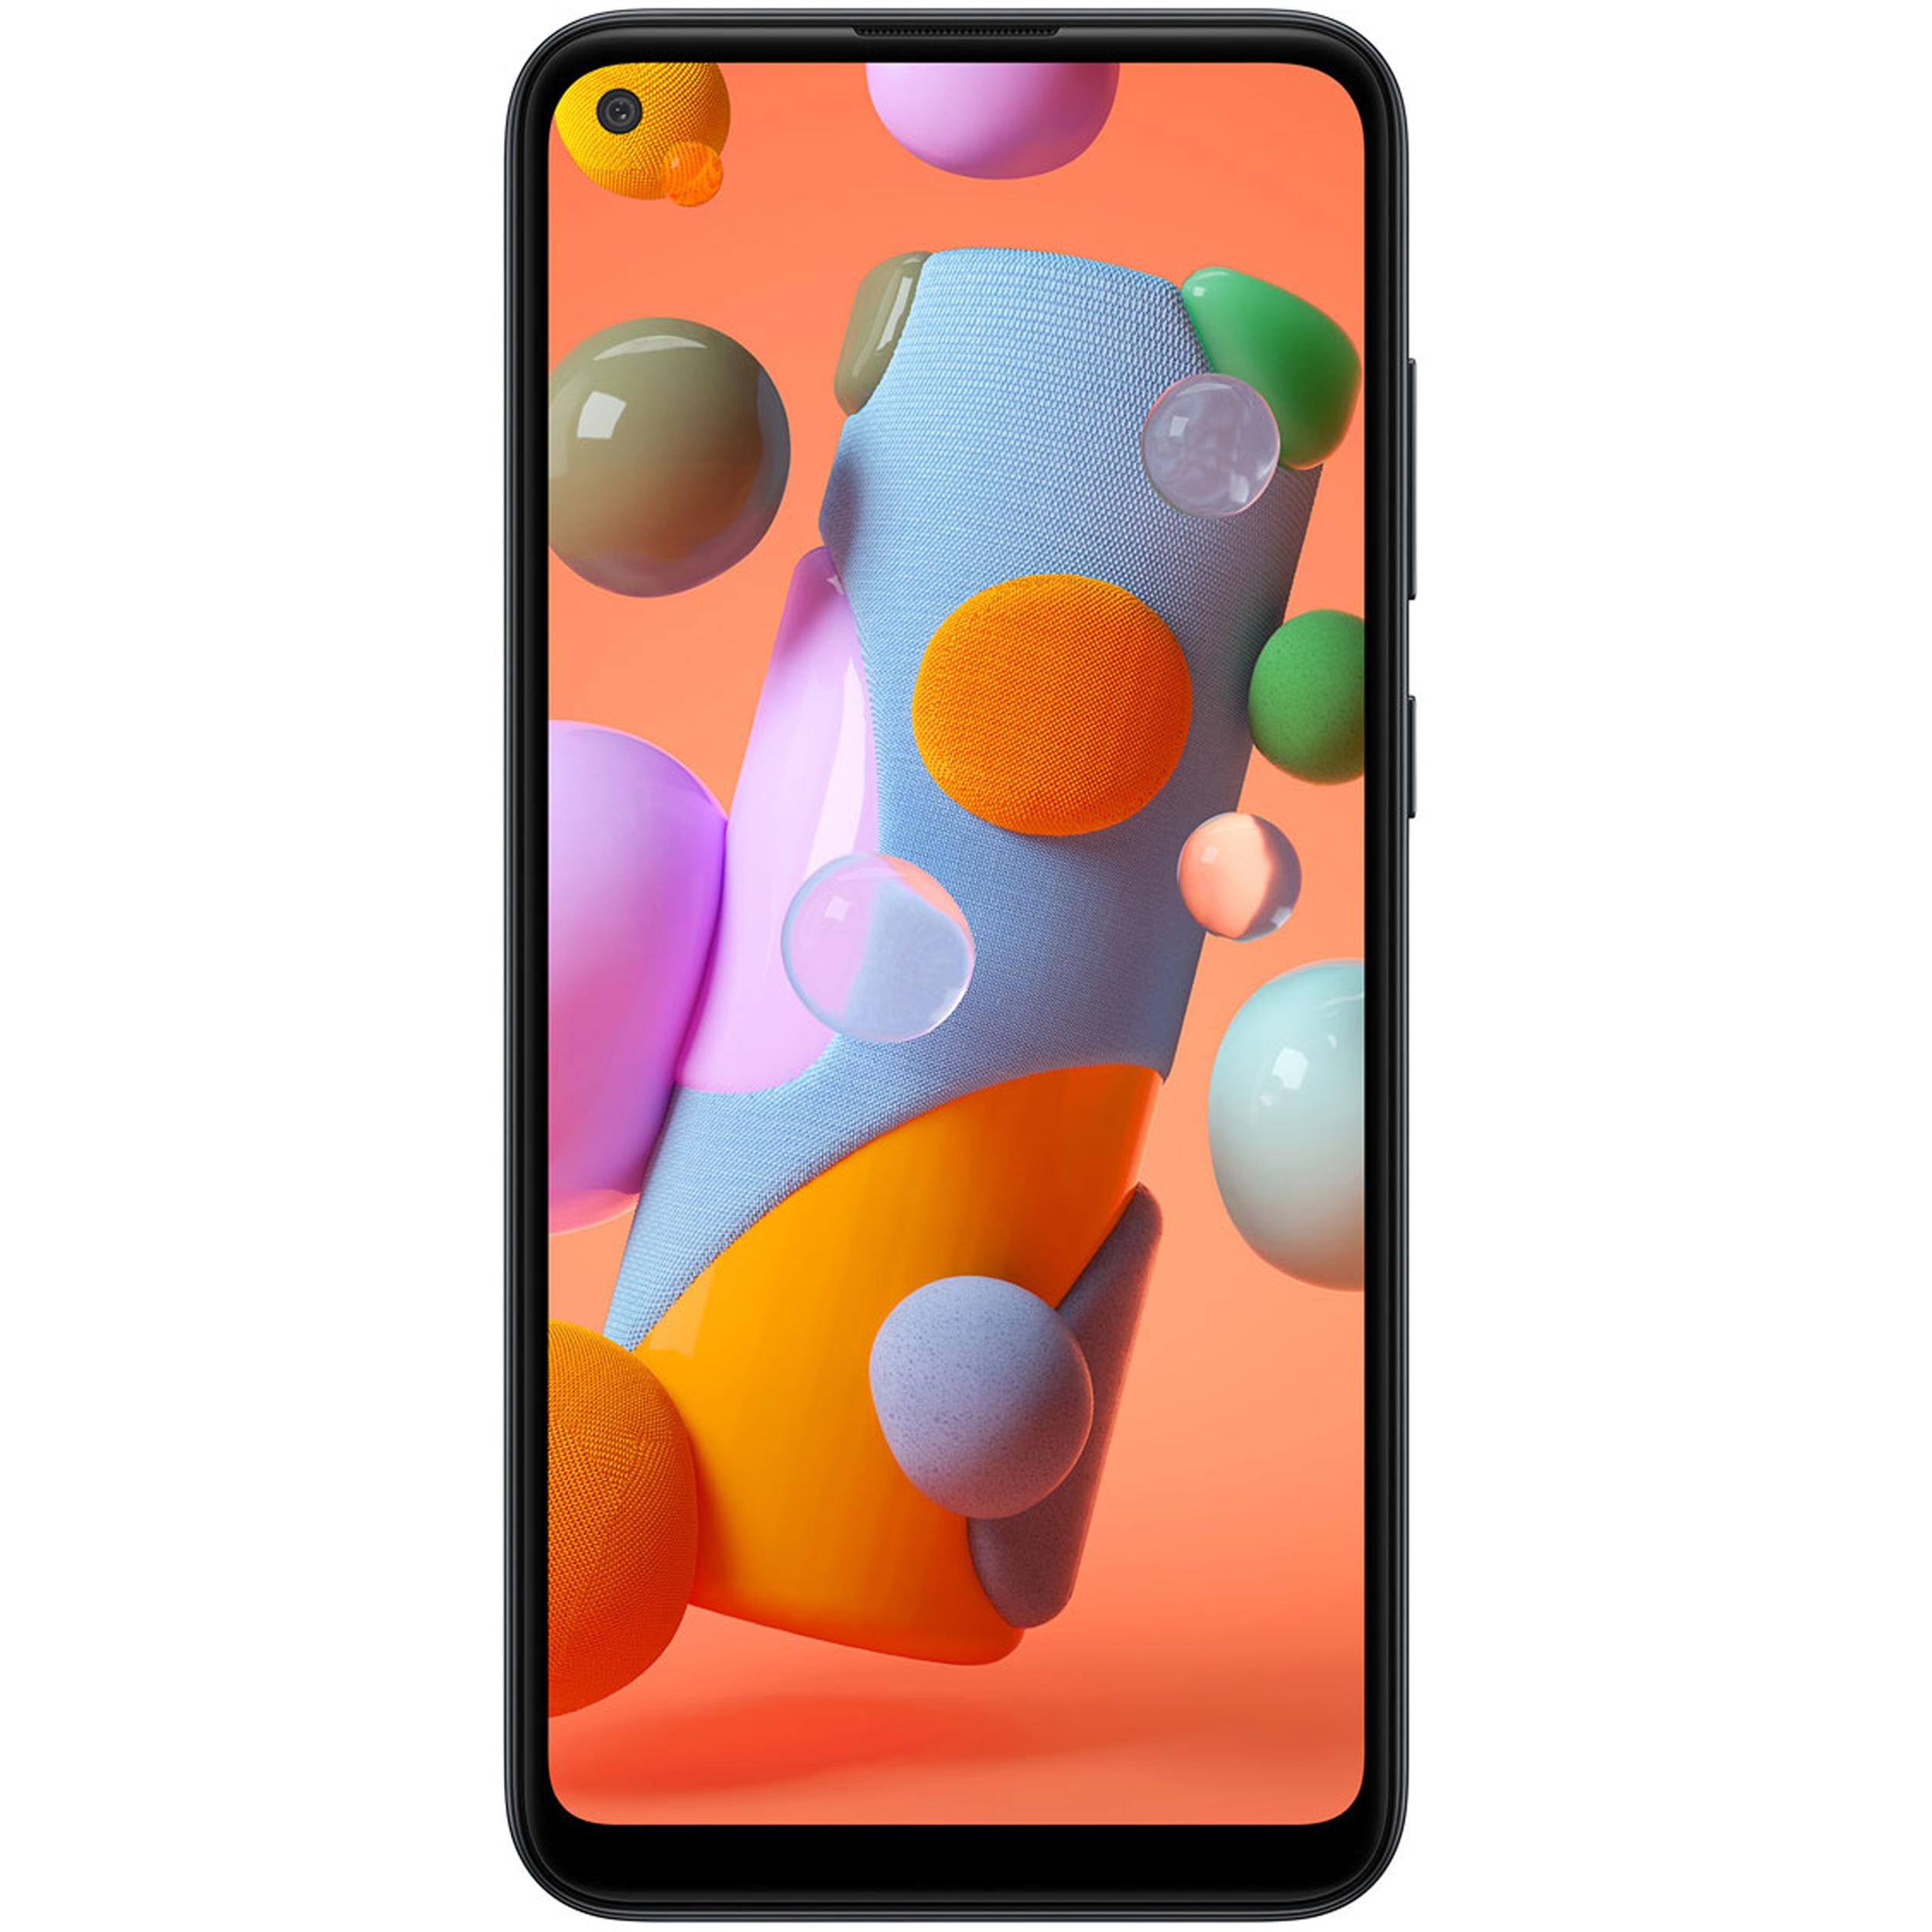 گوشی موبایل سامسونگ مدل Galaxy A11 SM-A115F/DS دو سیم کارت ظرفیت ۳۲ گیگابایت با ۲ گیگابایت رم – طرح قیمت شگفت انگیز